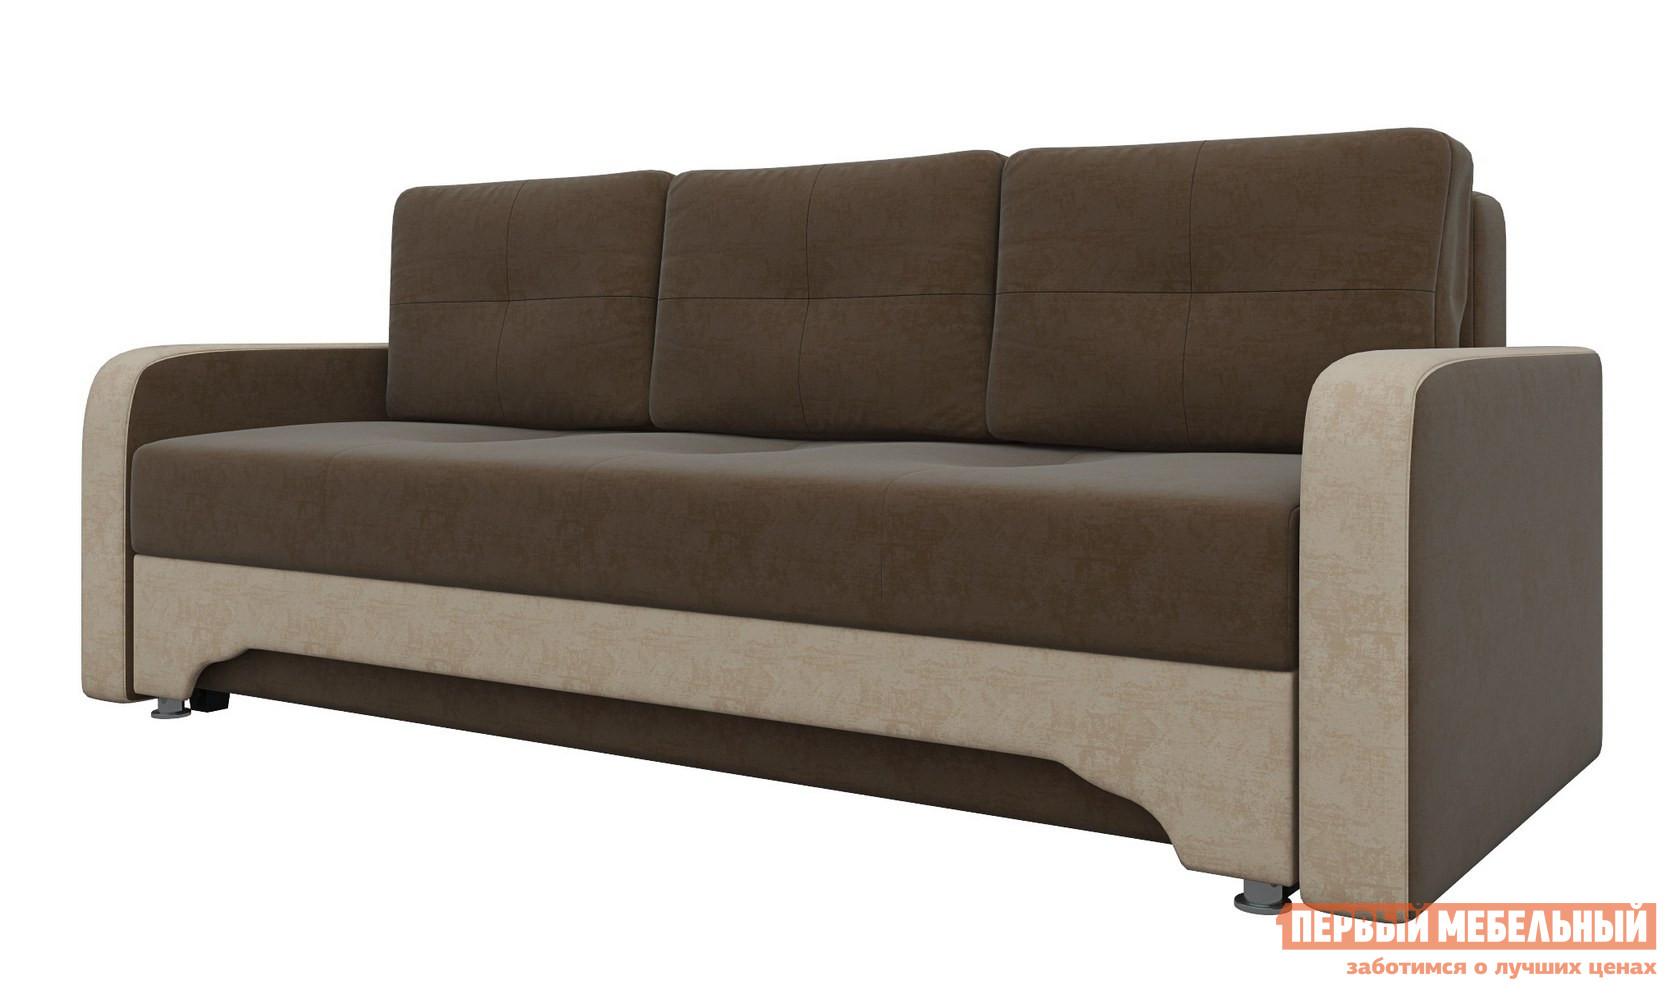 Прямой диван Мебелико Диван-еврокнижка Ник-3